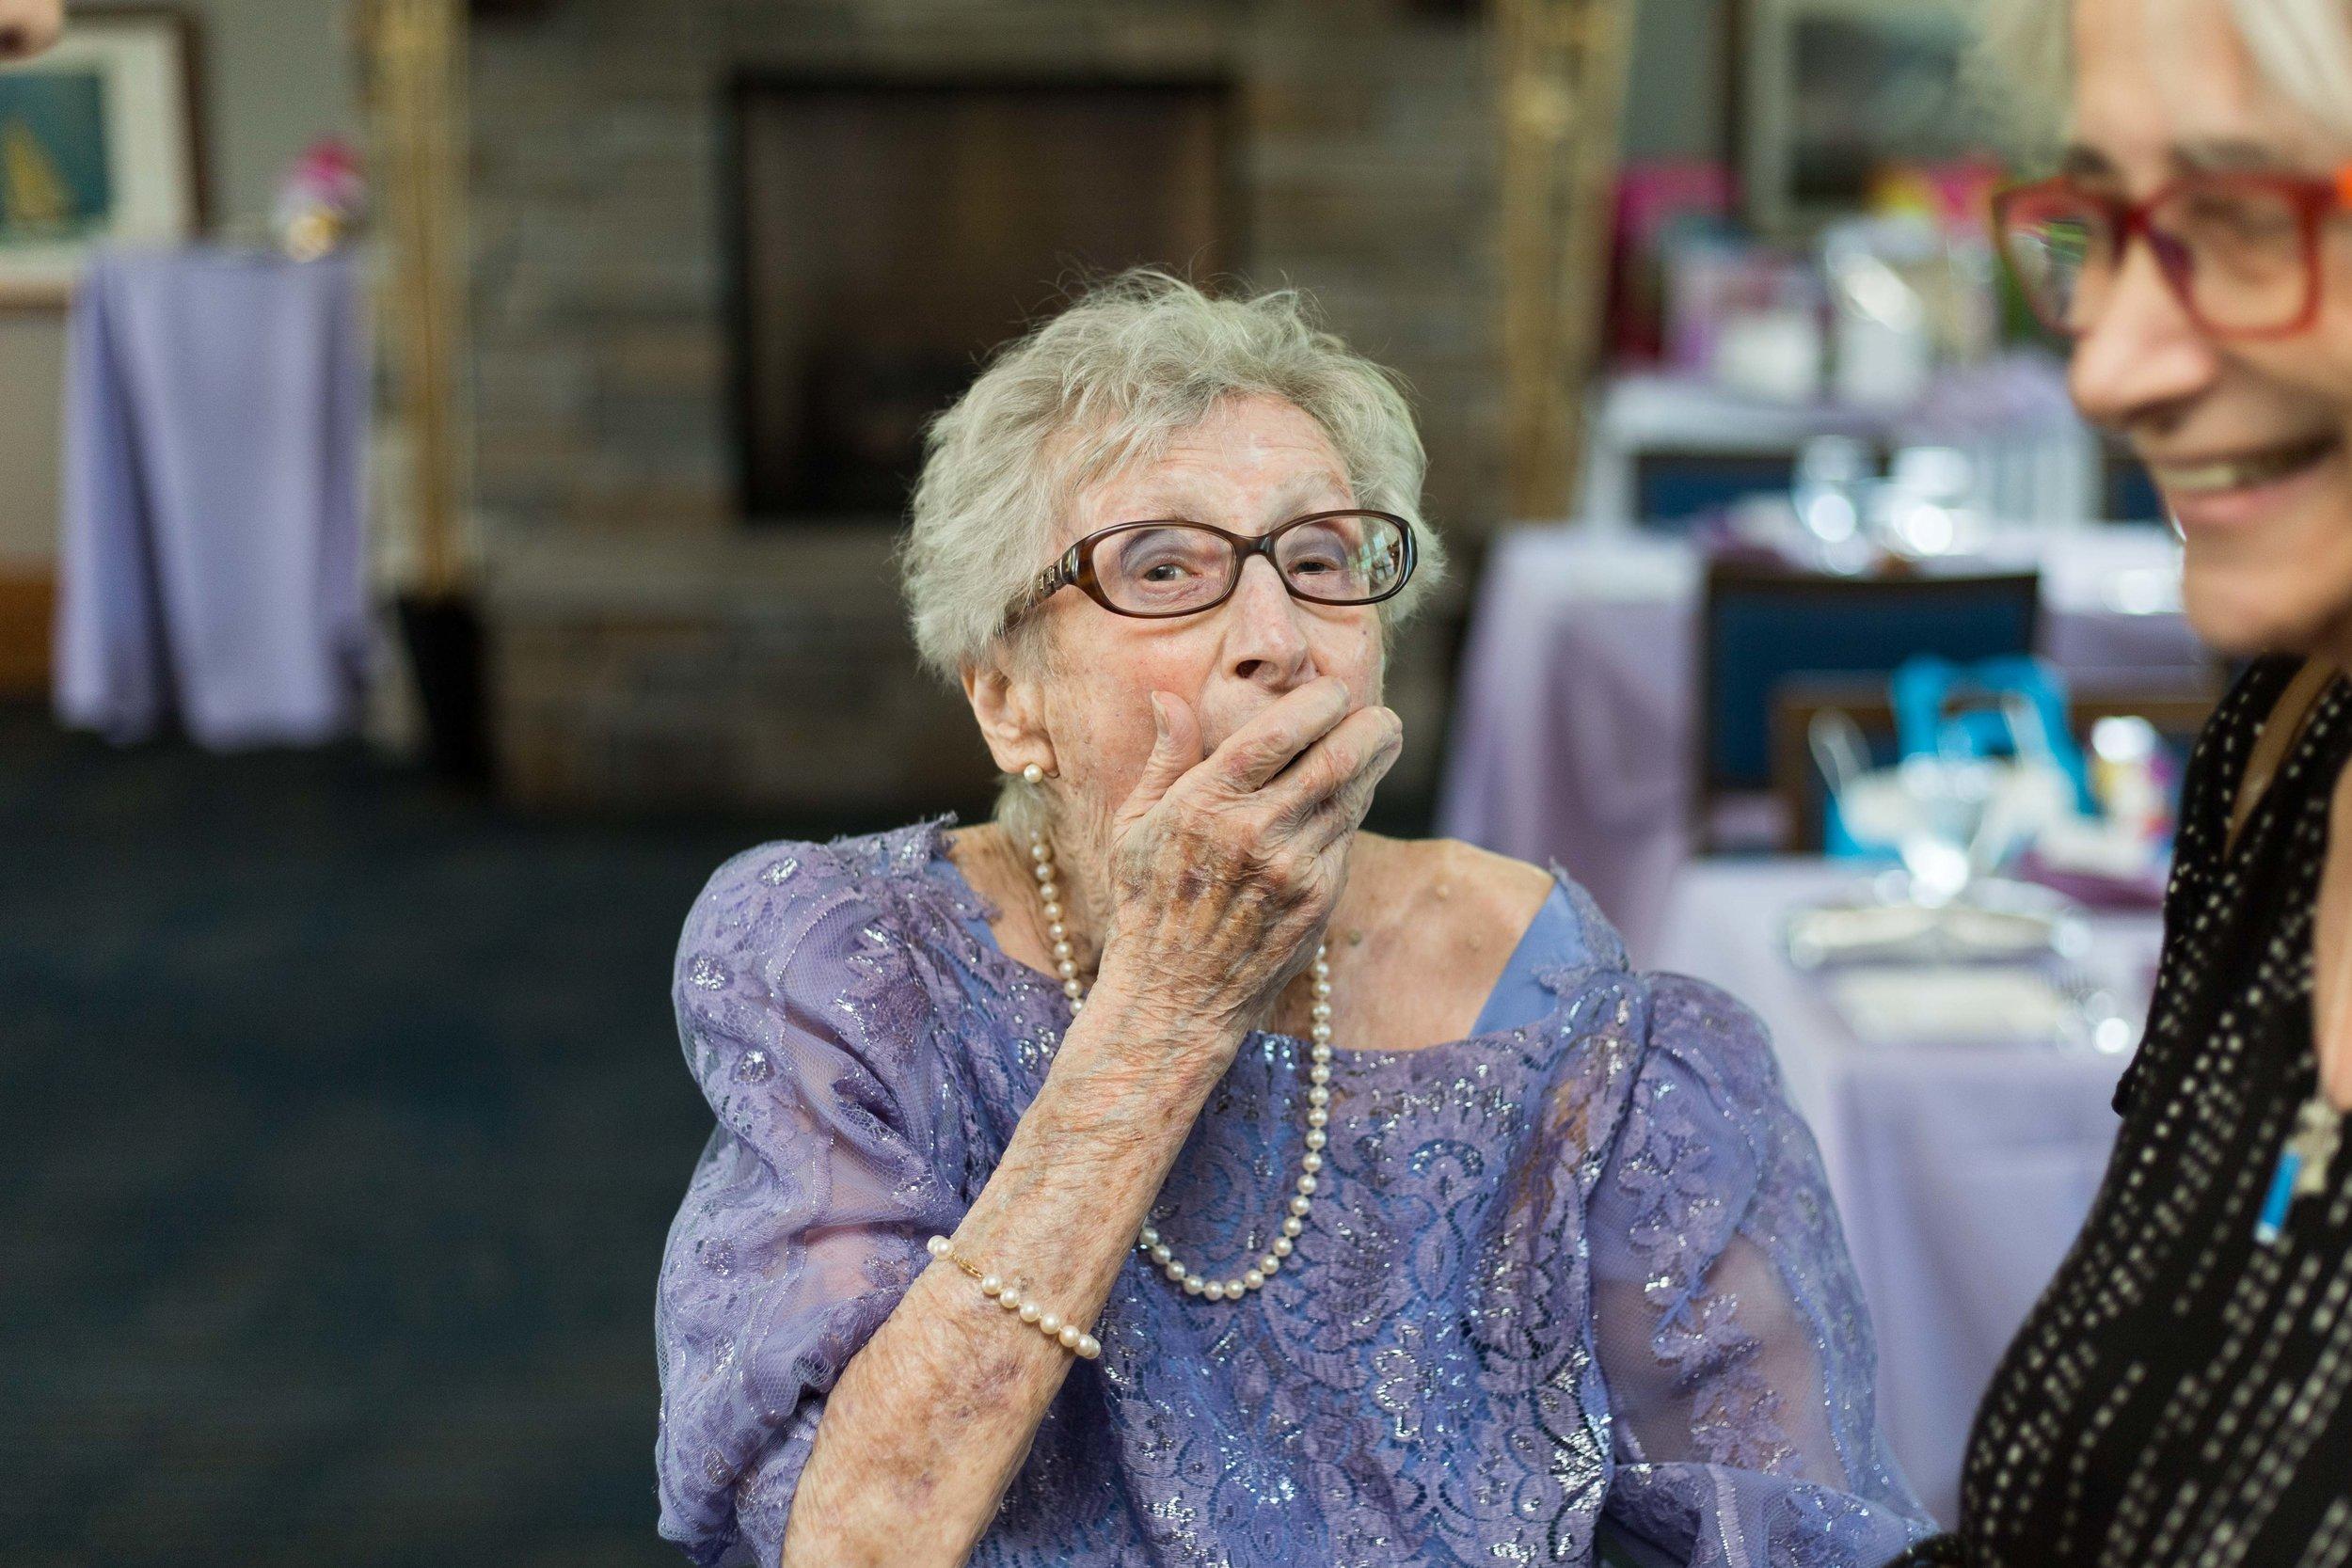 McLoones Boathouse West Orange NJ 100th Birthday Party Event Photos-8.jpg